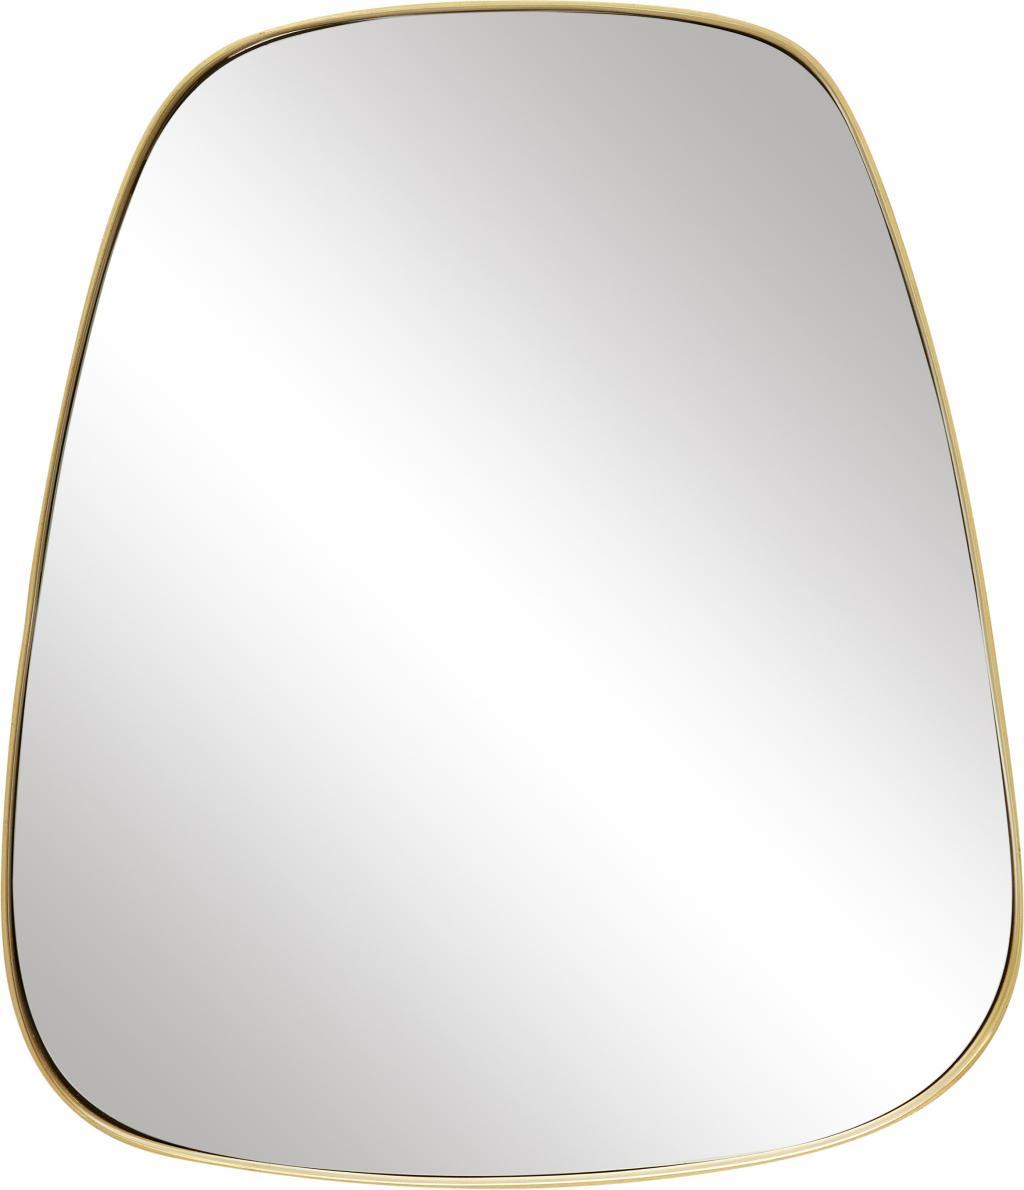 Hubsch wandspiegel mit metallrahmen gold h bsch - Wandspiegel metallrahmen ...